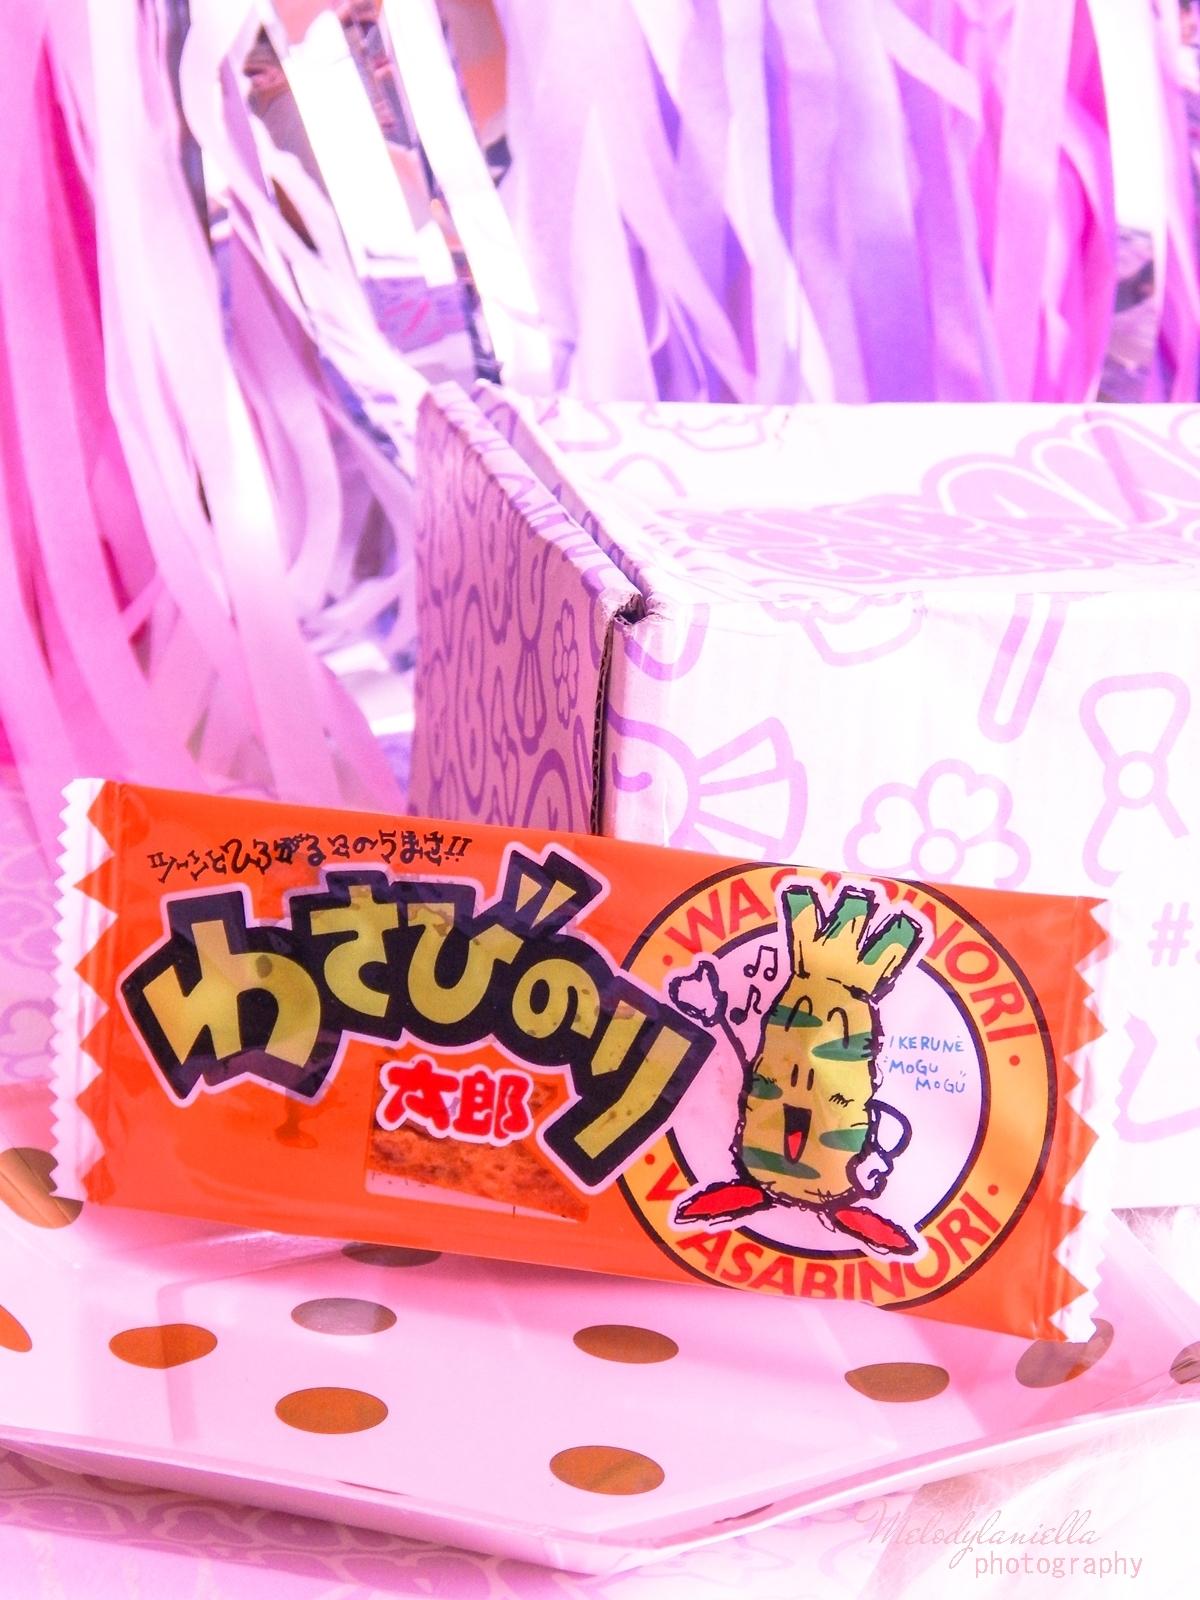 8 melodylaniella photography partybox japan candy box pudełko pełne słodkości z japonii azjatyckie słodycze ciekawe jedzenie z japonii cukierki z azji boxy z jedzeniem yaokin wasabi paste taro snack